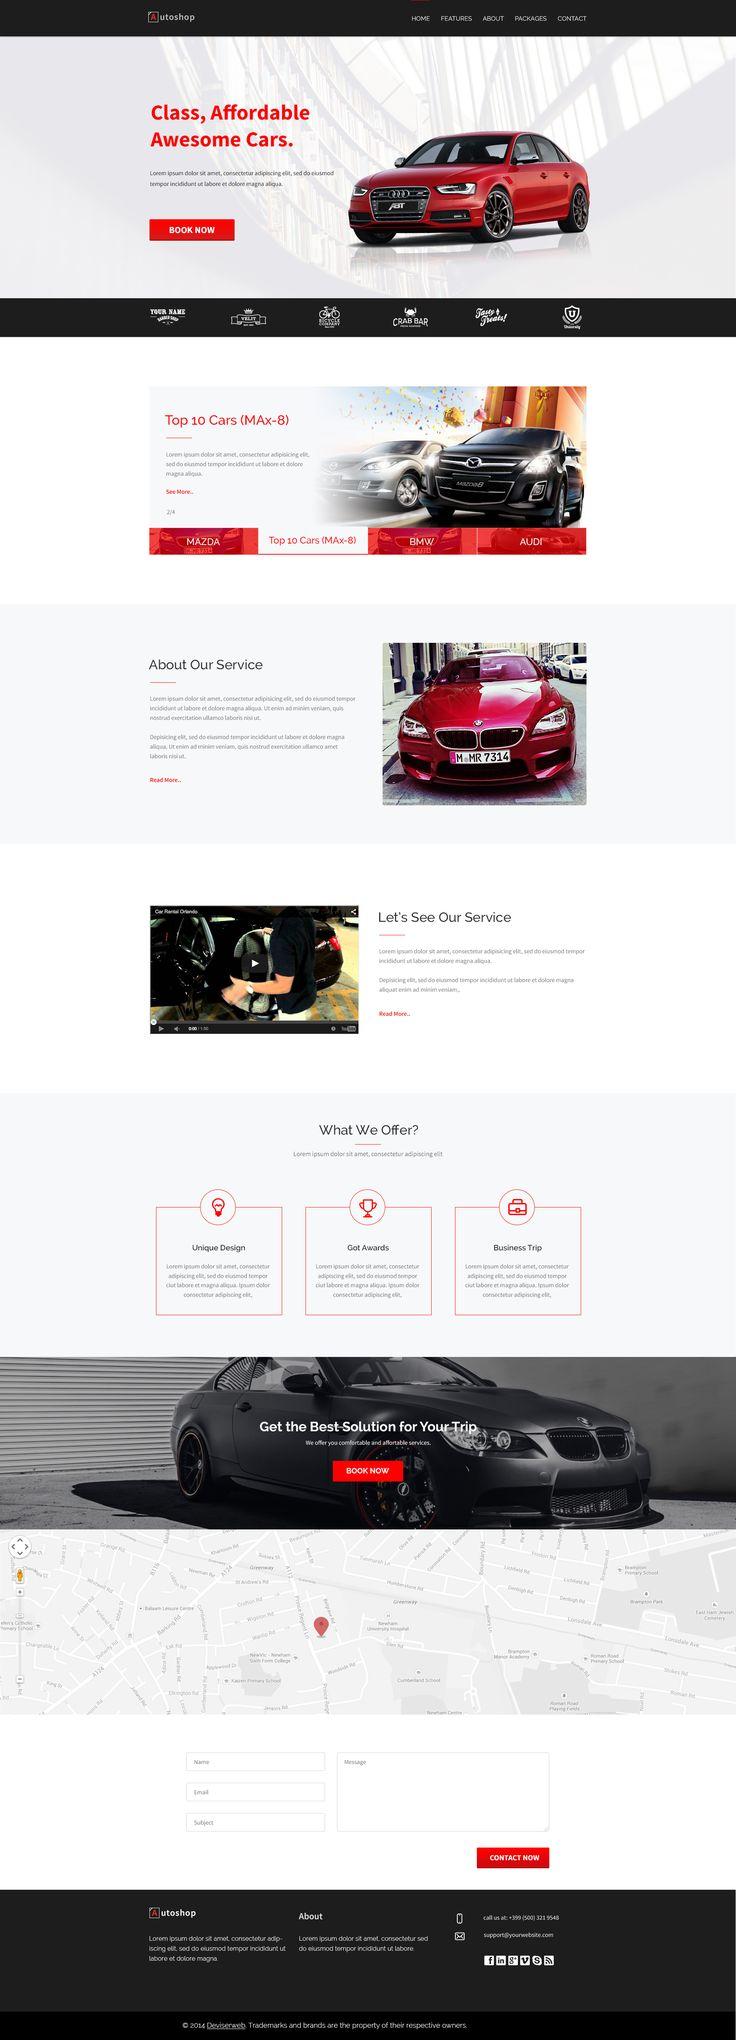 Car Rental Landing Page Design